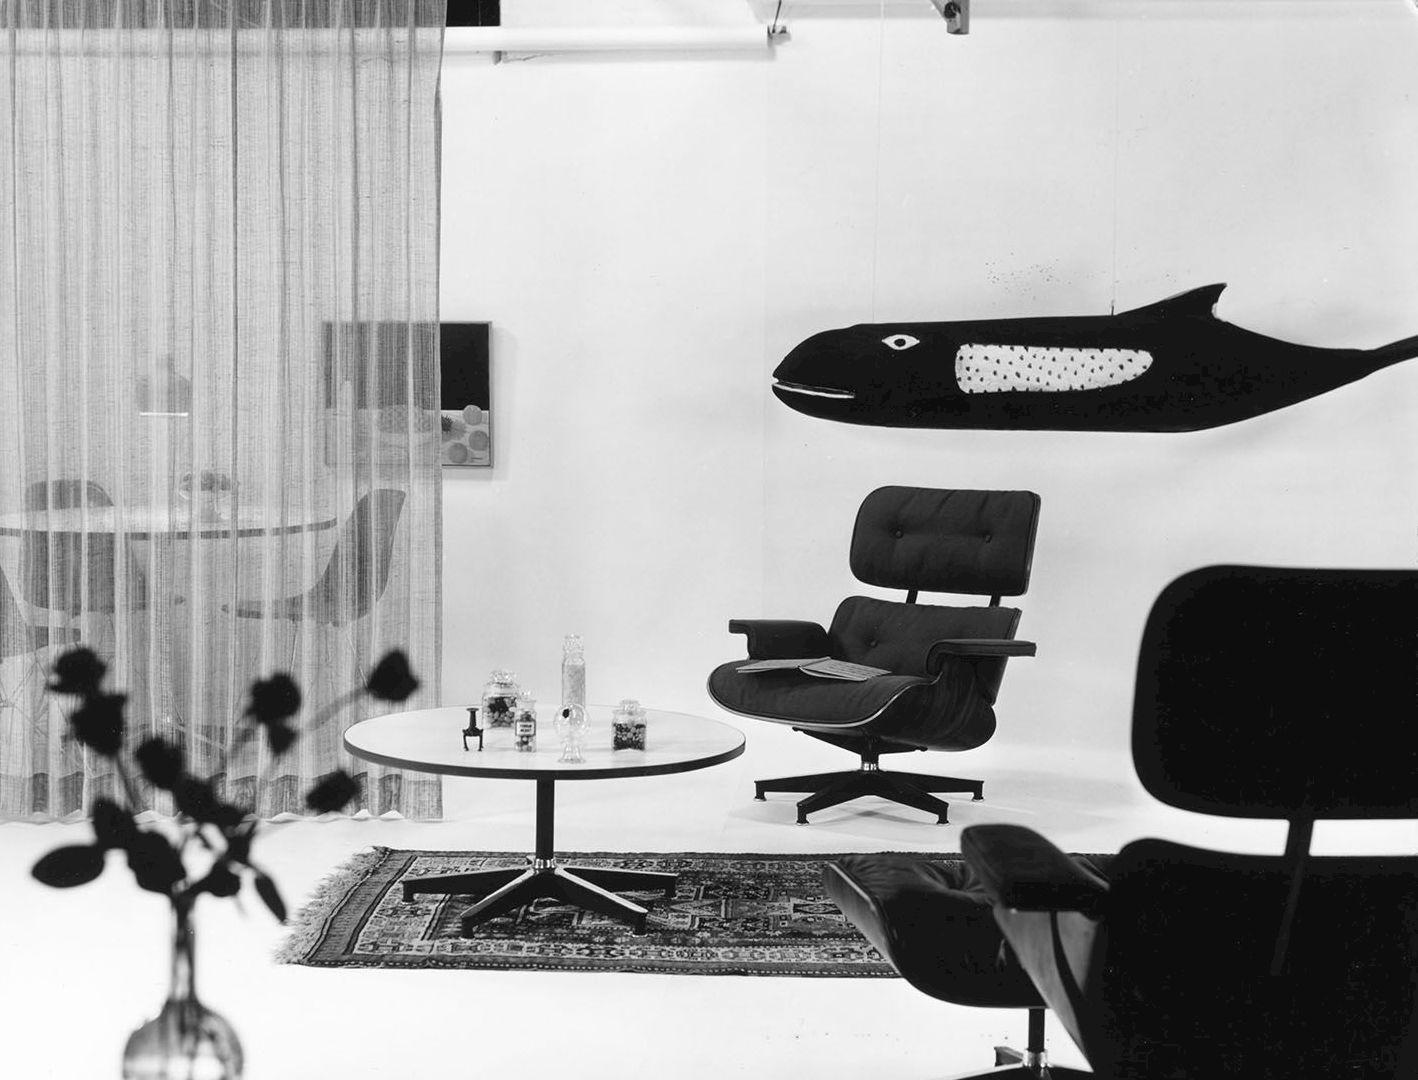 Während Des Gleichen Fotoshootings Machte Charles Eames Auch Eine Aufnahme  Von Der Schauspielerin Amanda Dunne, Die Sich In Einem Stoffbezogenen  Lounge ...